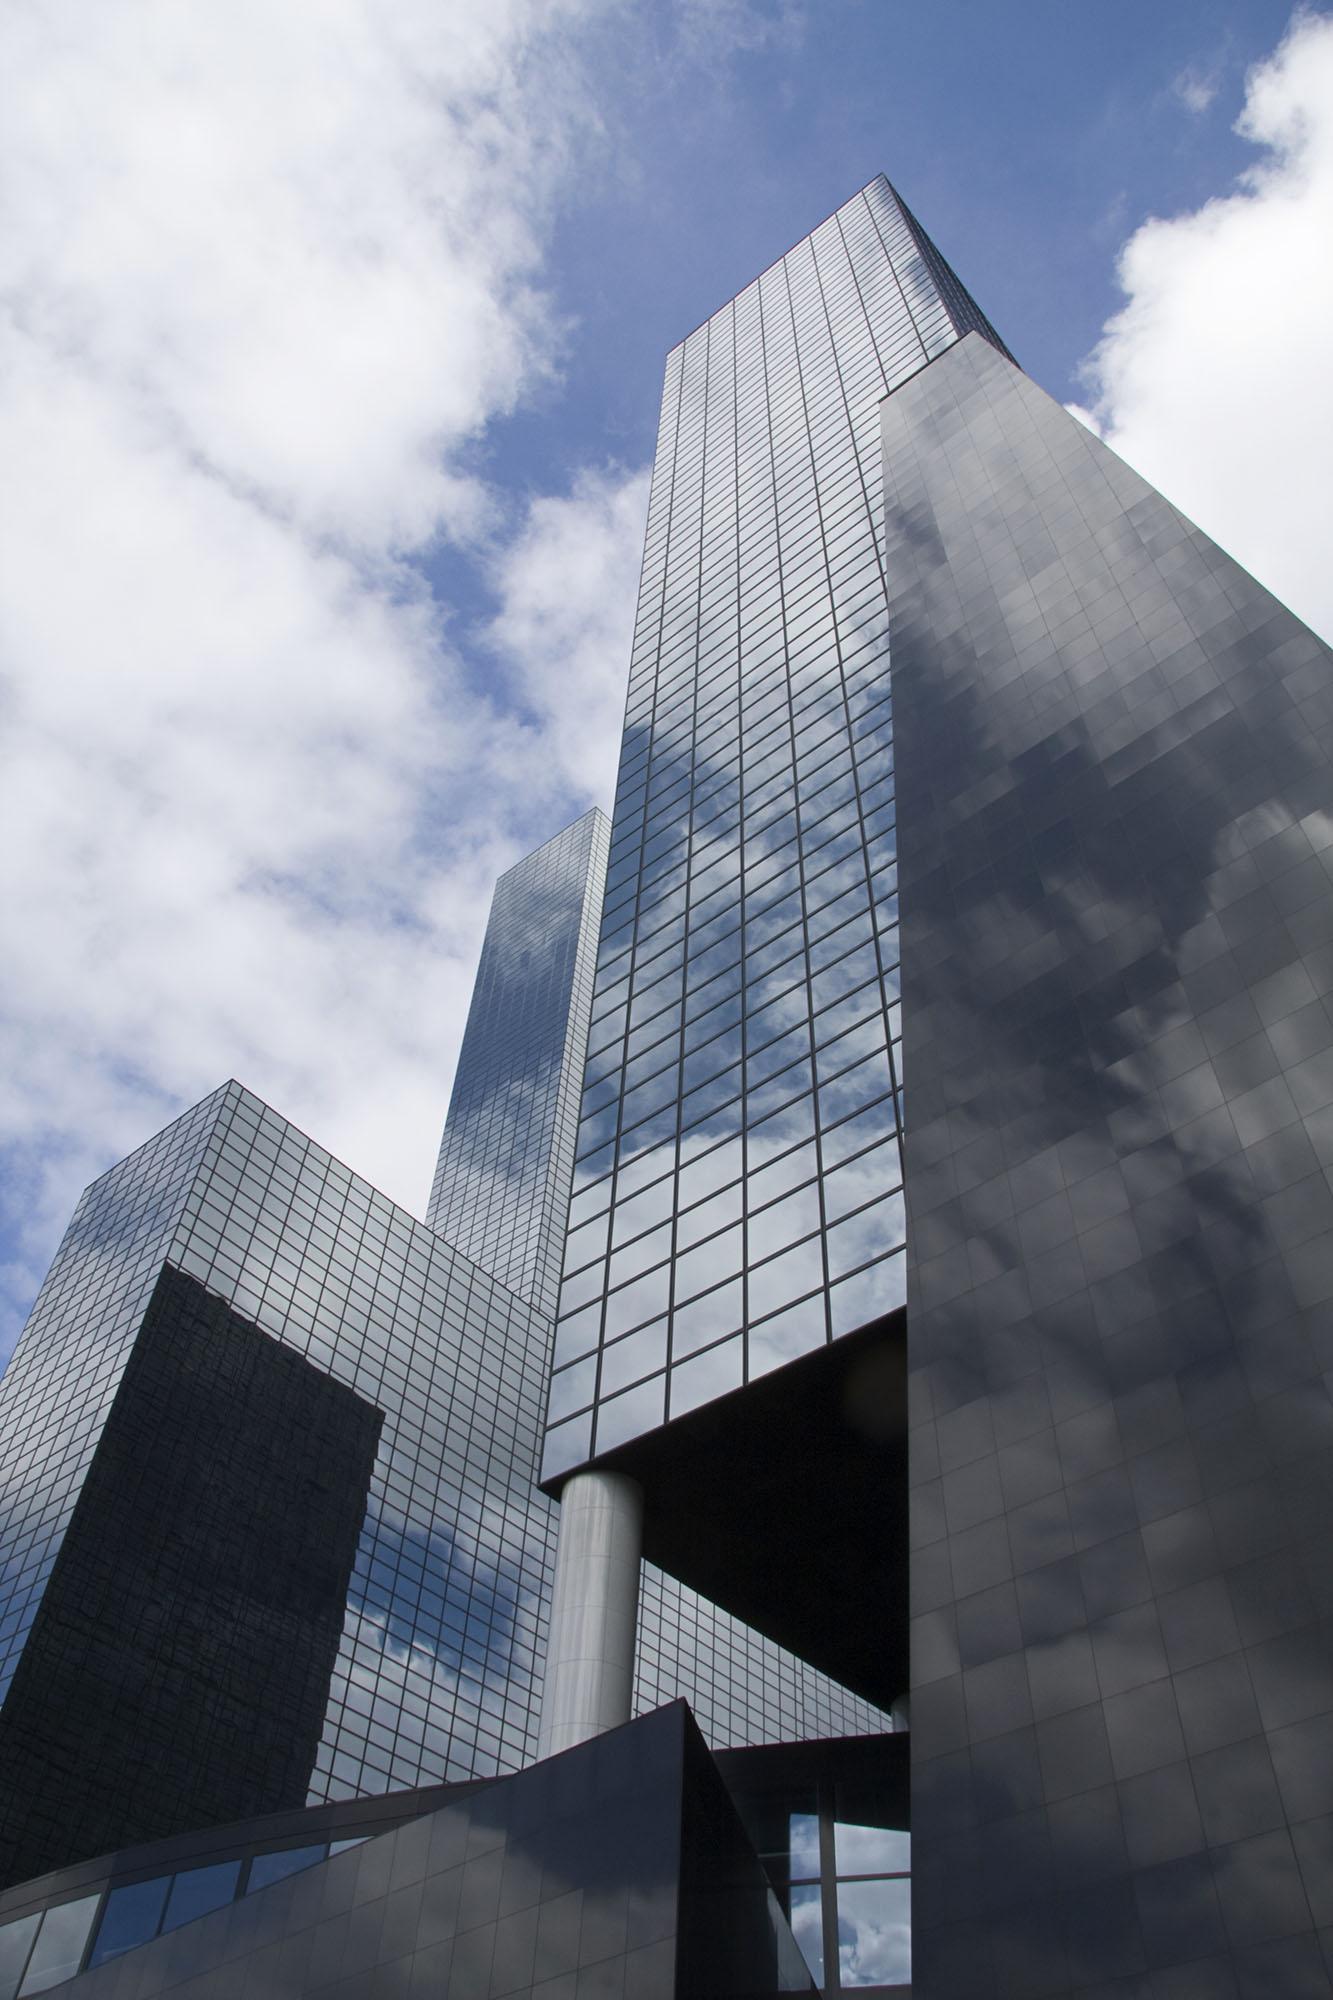 Foto van een gedeelte van een gebouw waarbij de wolken in de spiegel van de gevel herhalen